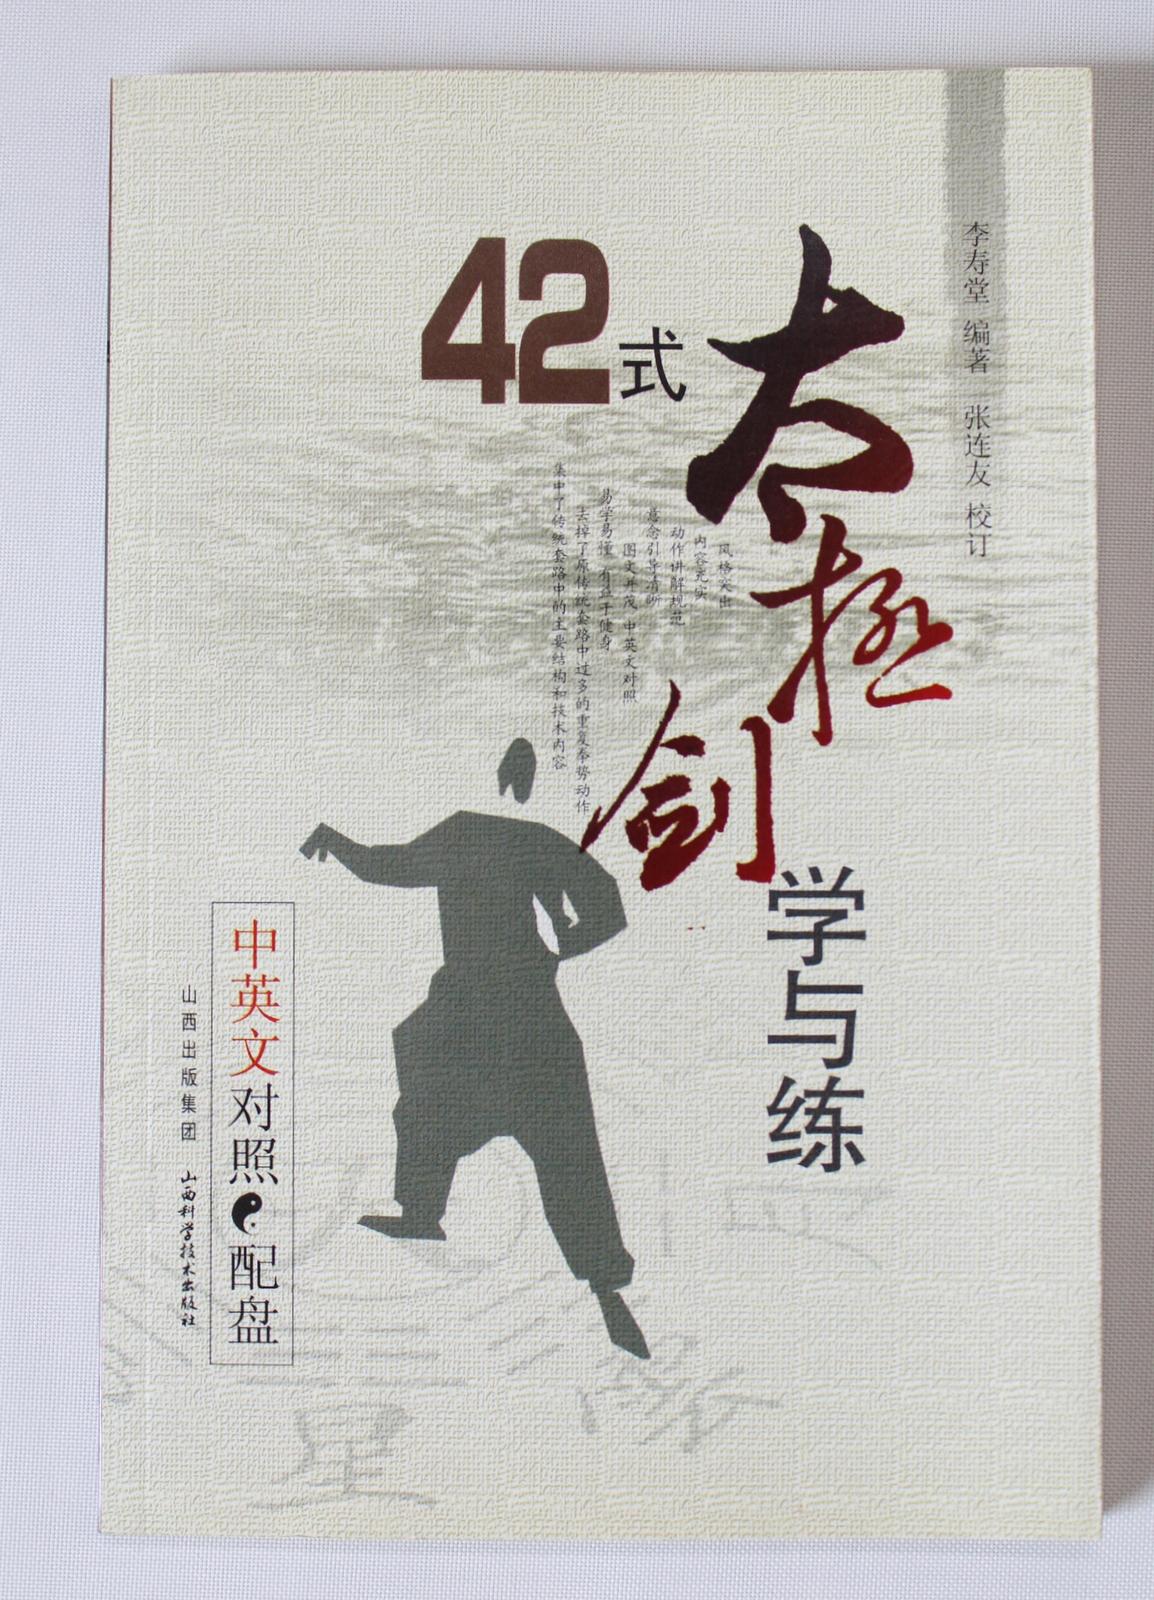 42式太極剣学与練